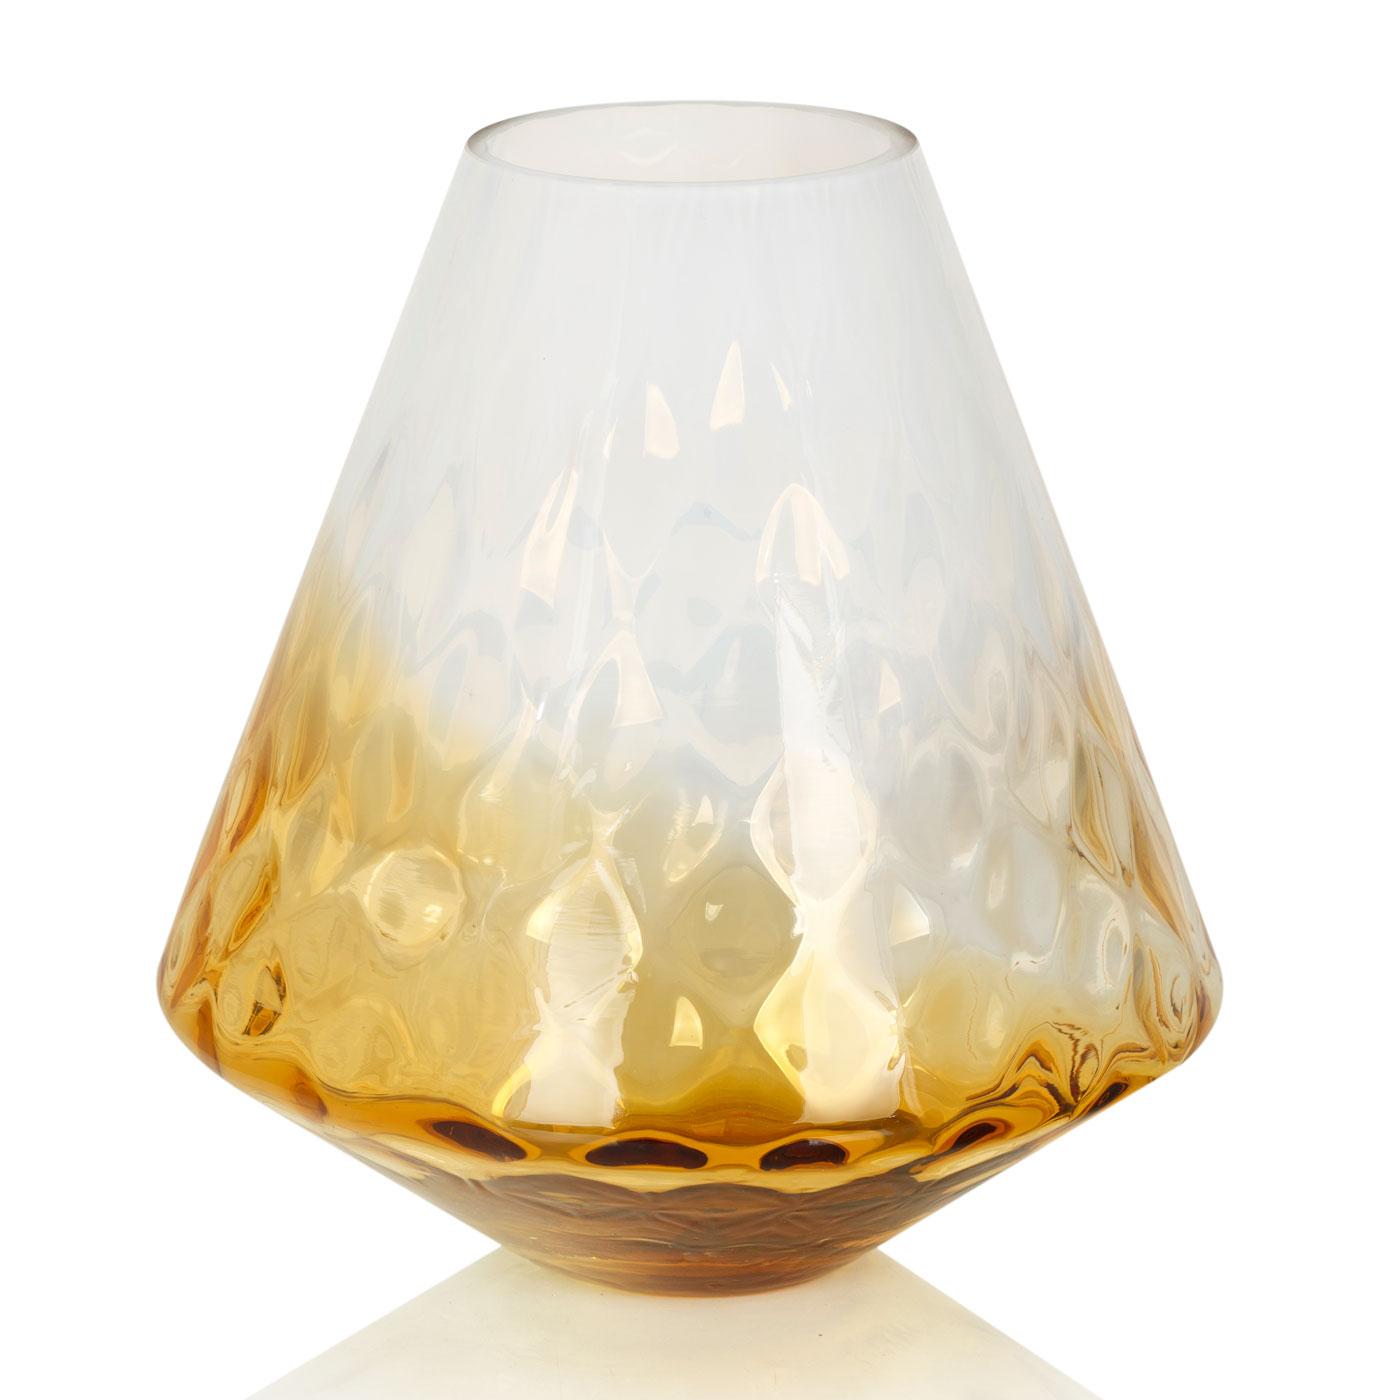 {} Home Philosophy Ваза Cassandra Цвет: Янтарно-Белый (25х27 см) ваза кручёная цвет белый 51 см 1025307